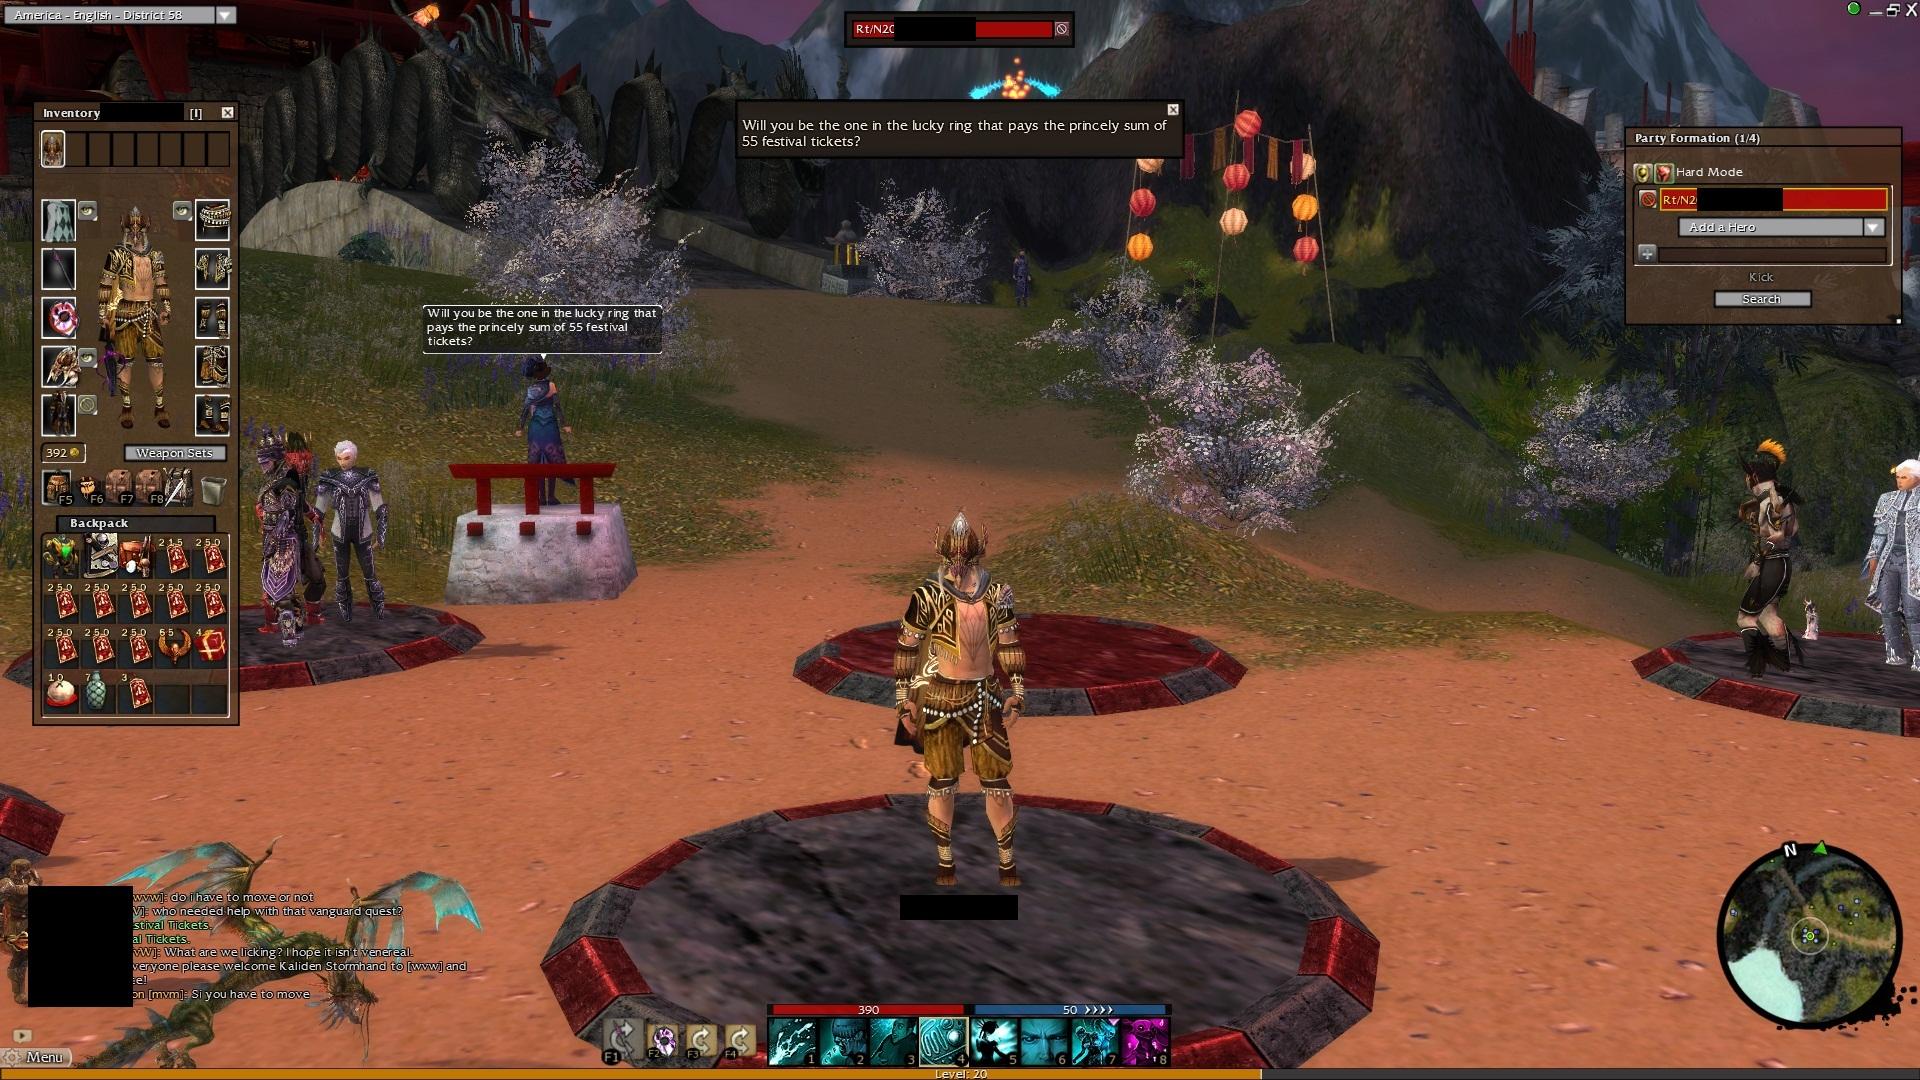 Guild wars 2 nude texmod naked vids